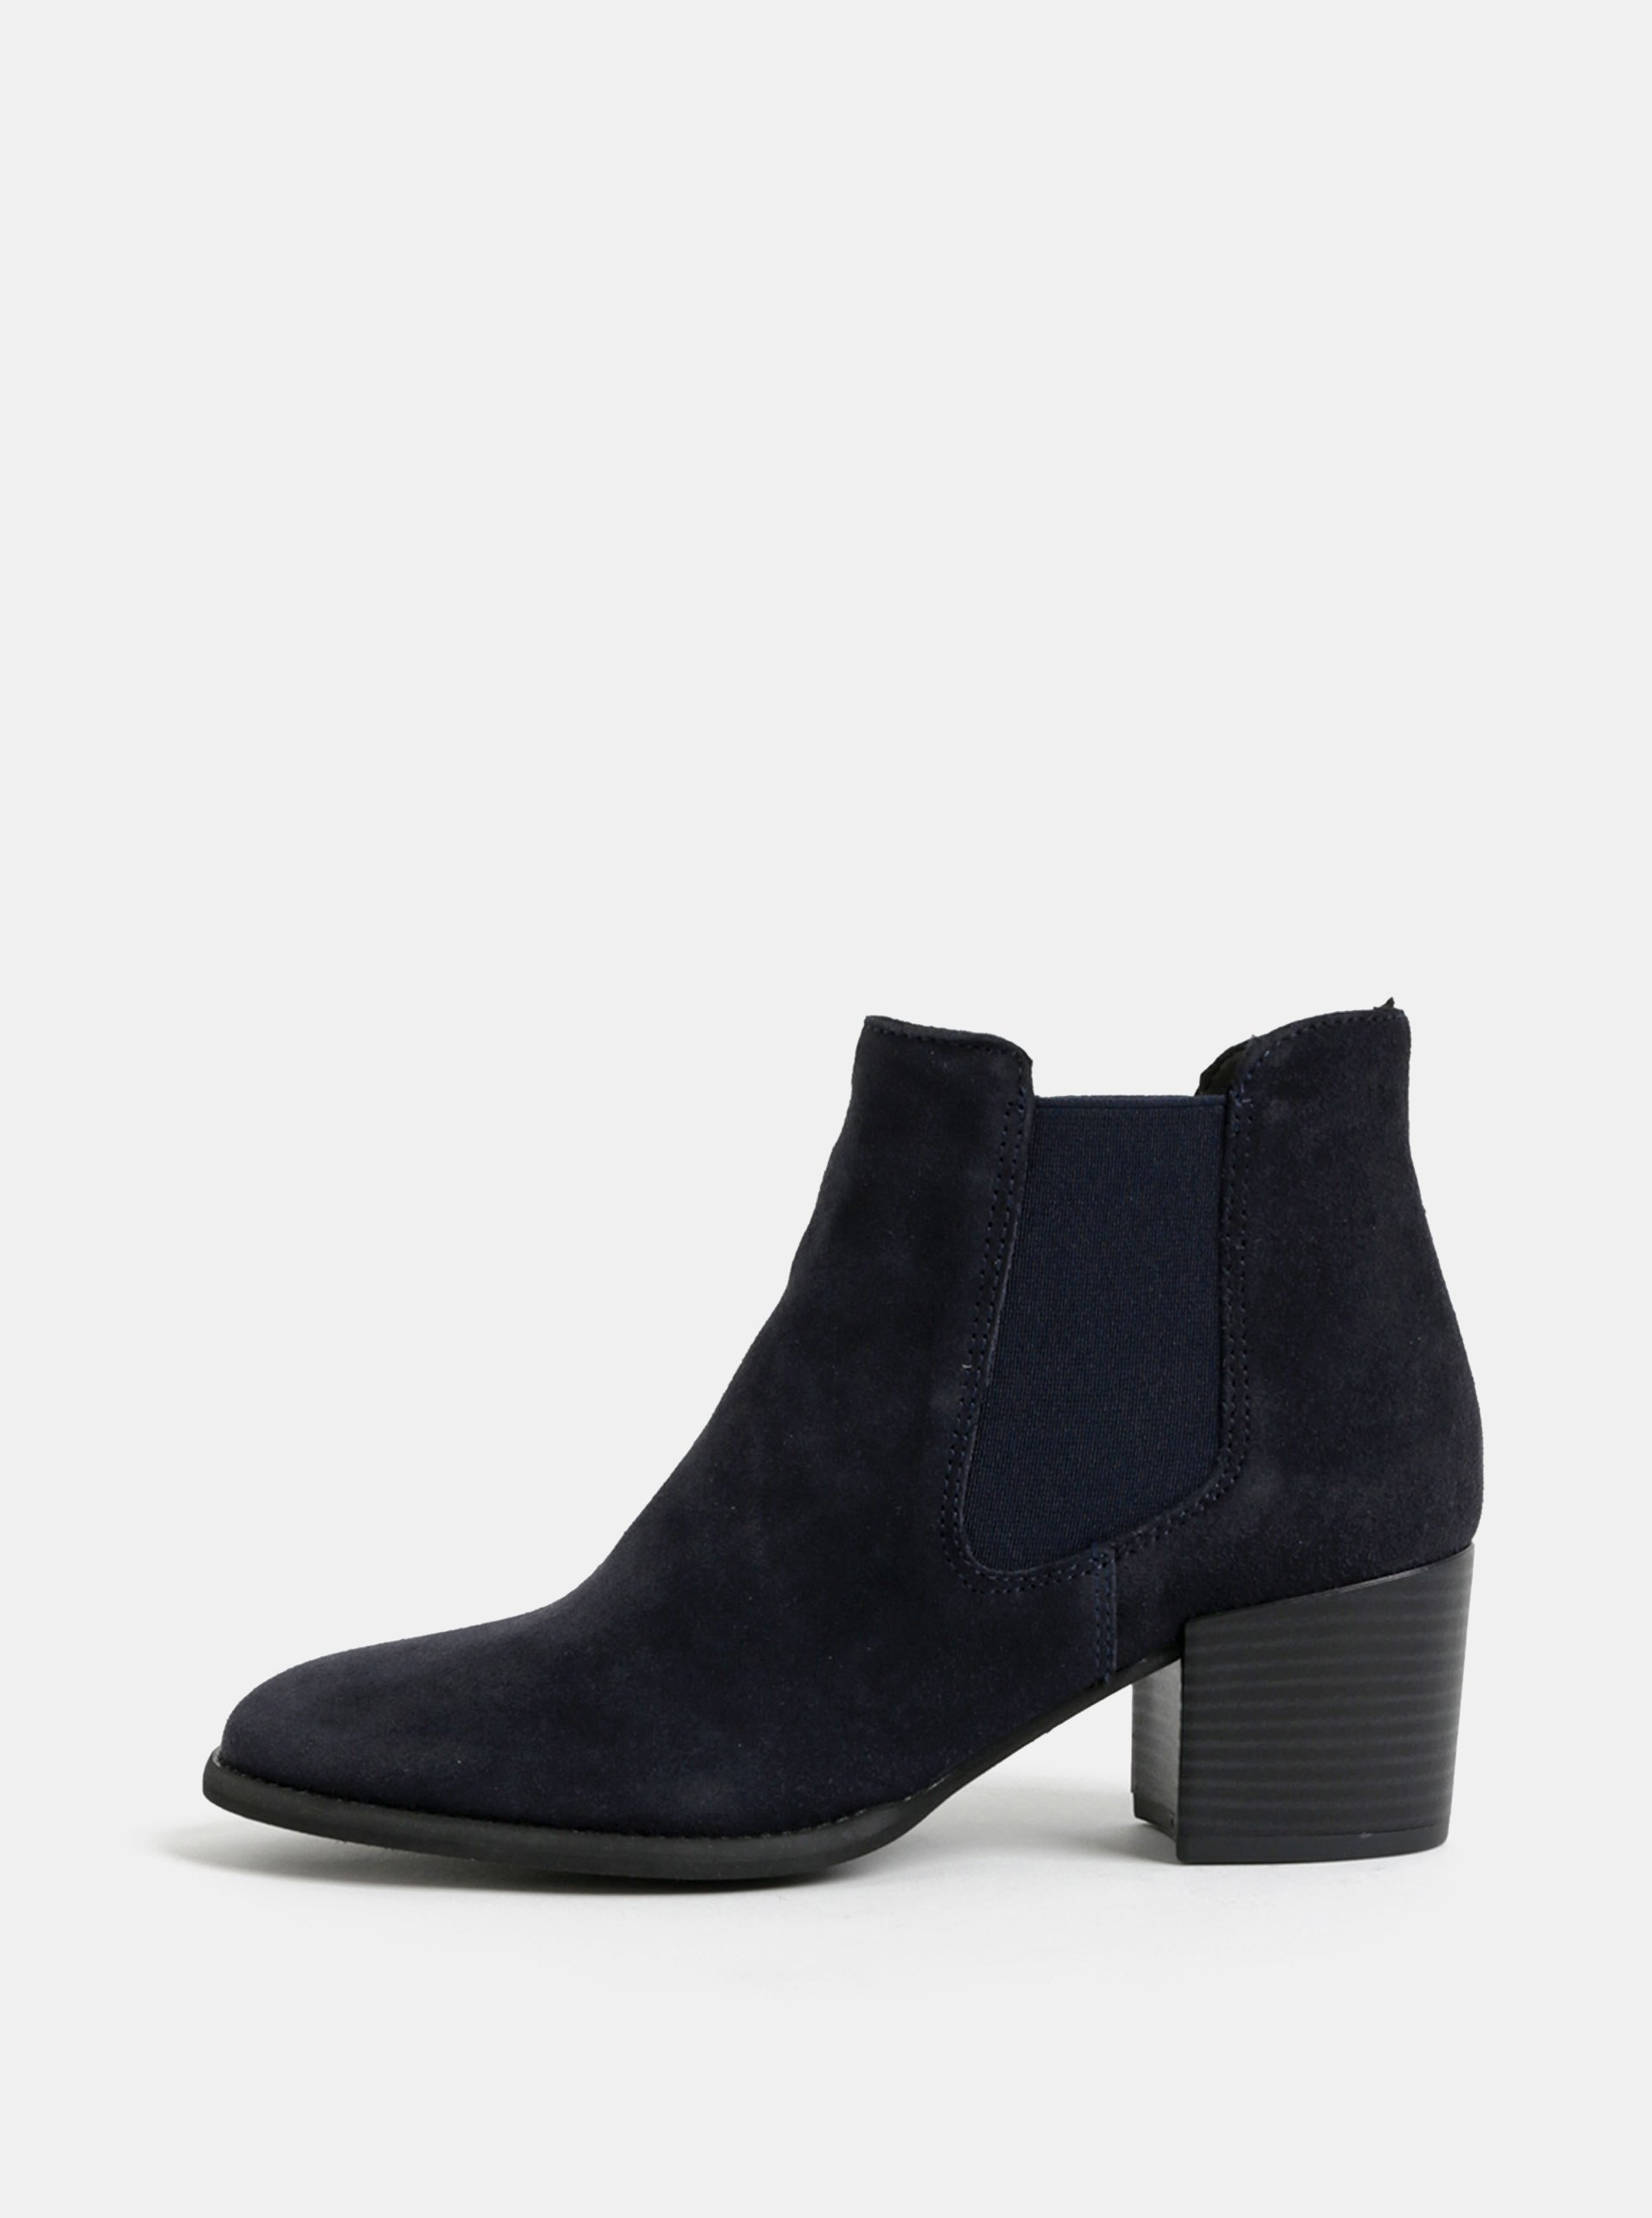 Tmavě modré semišové chelsea boty na podpatku Tamaris